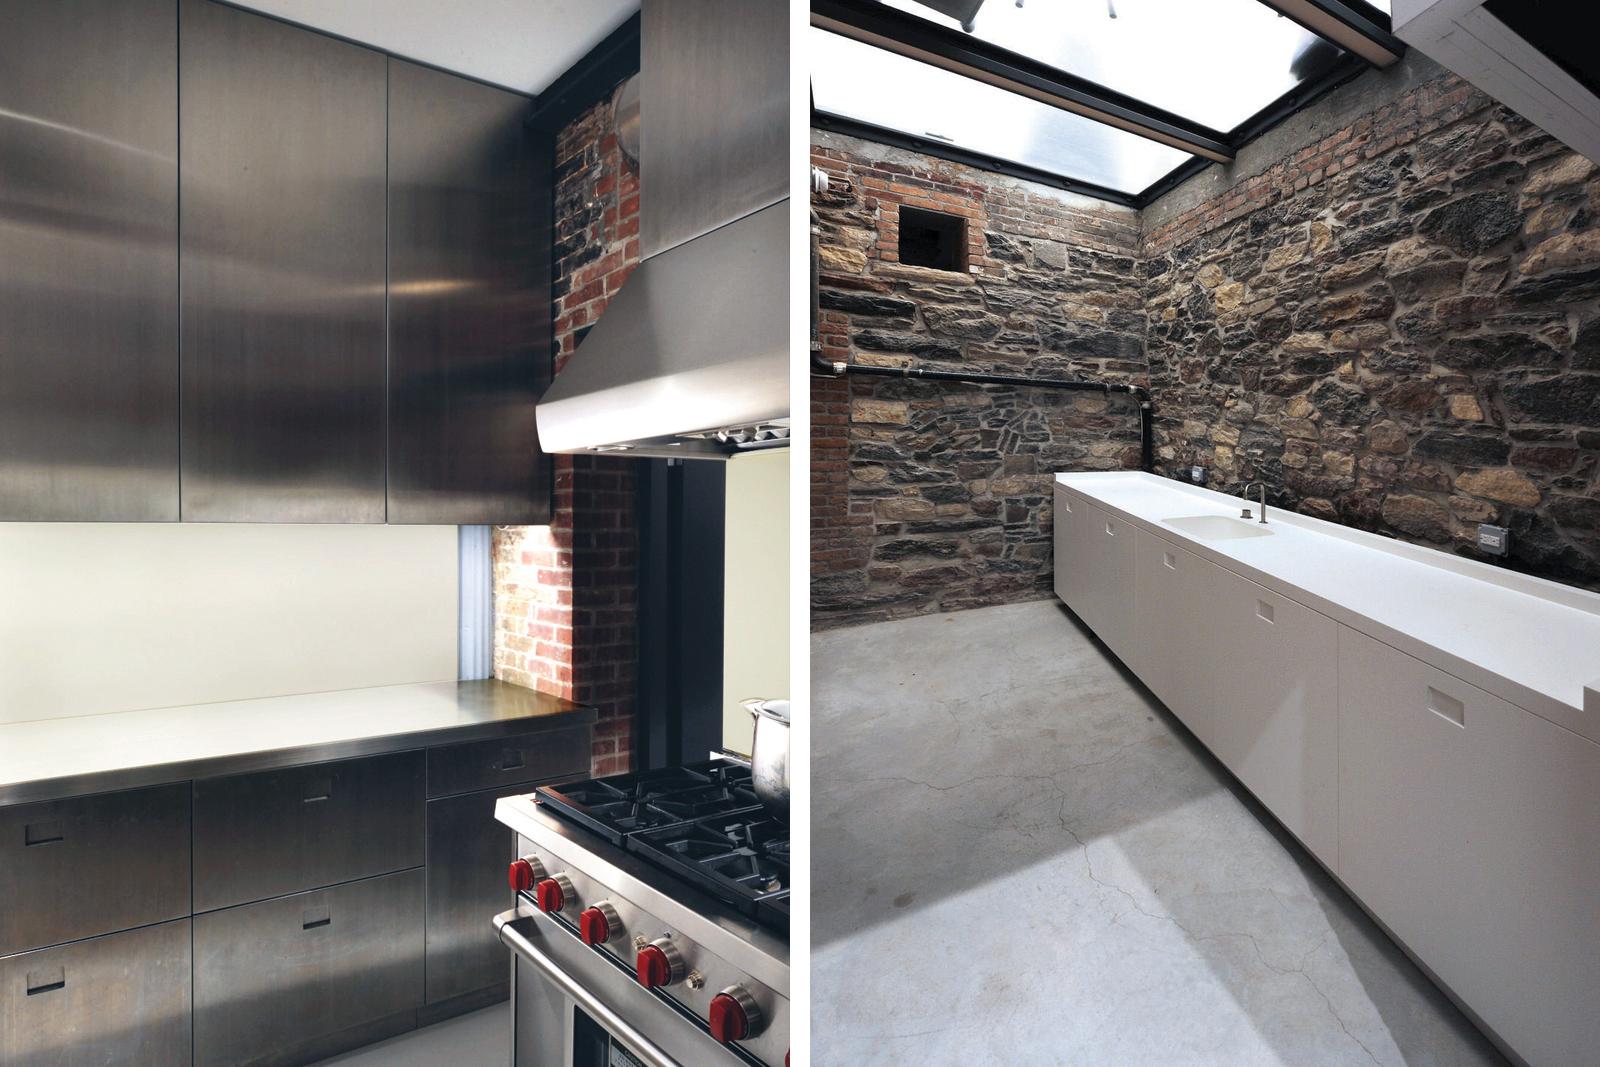 10-Cai Guo Qiang Studio-kitchen-bar.jpg